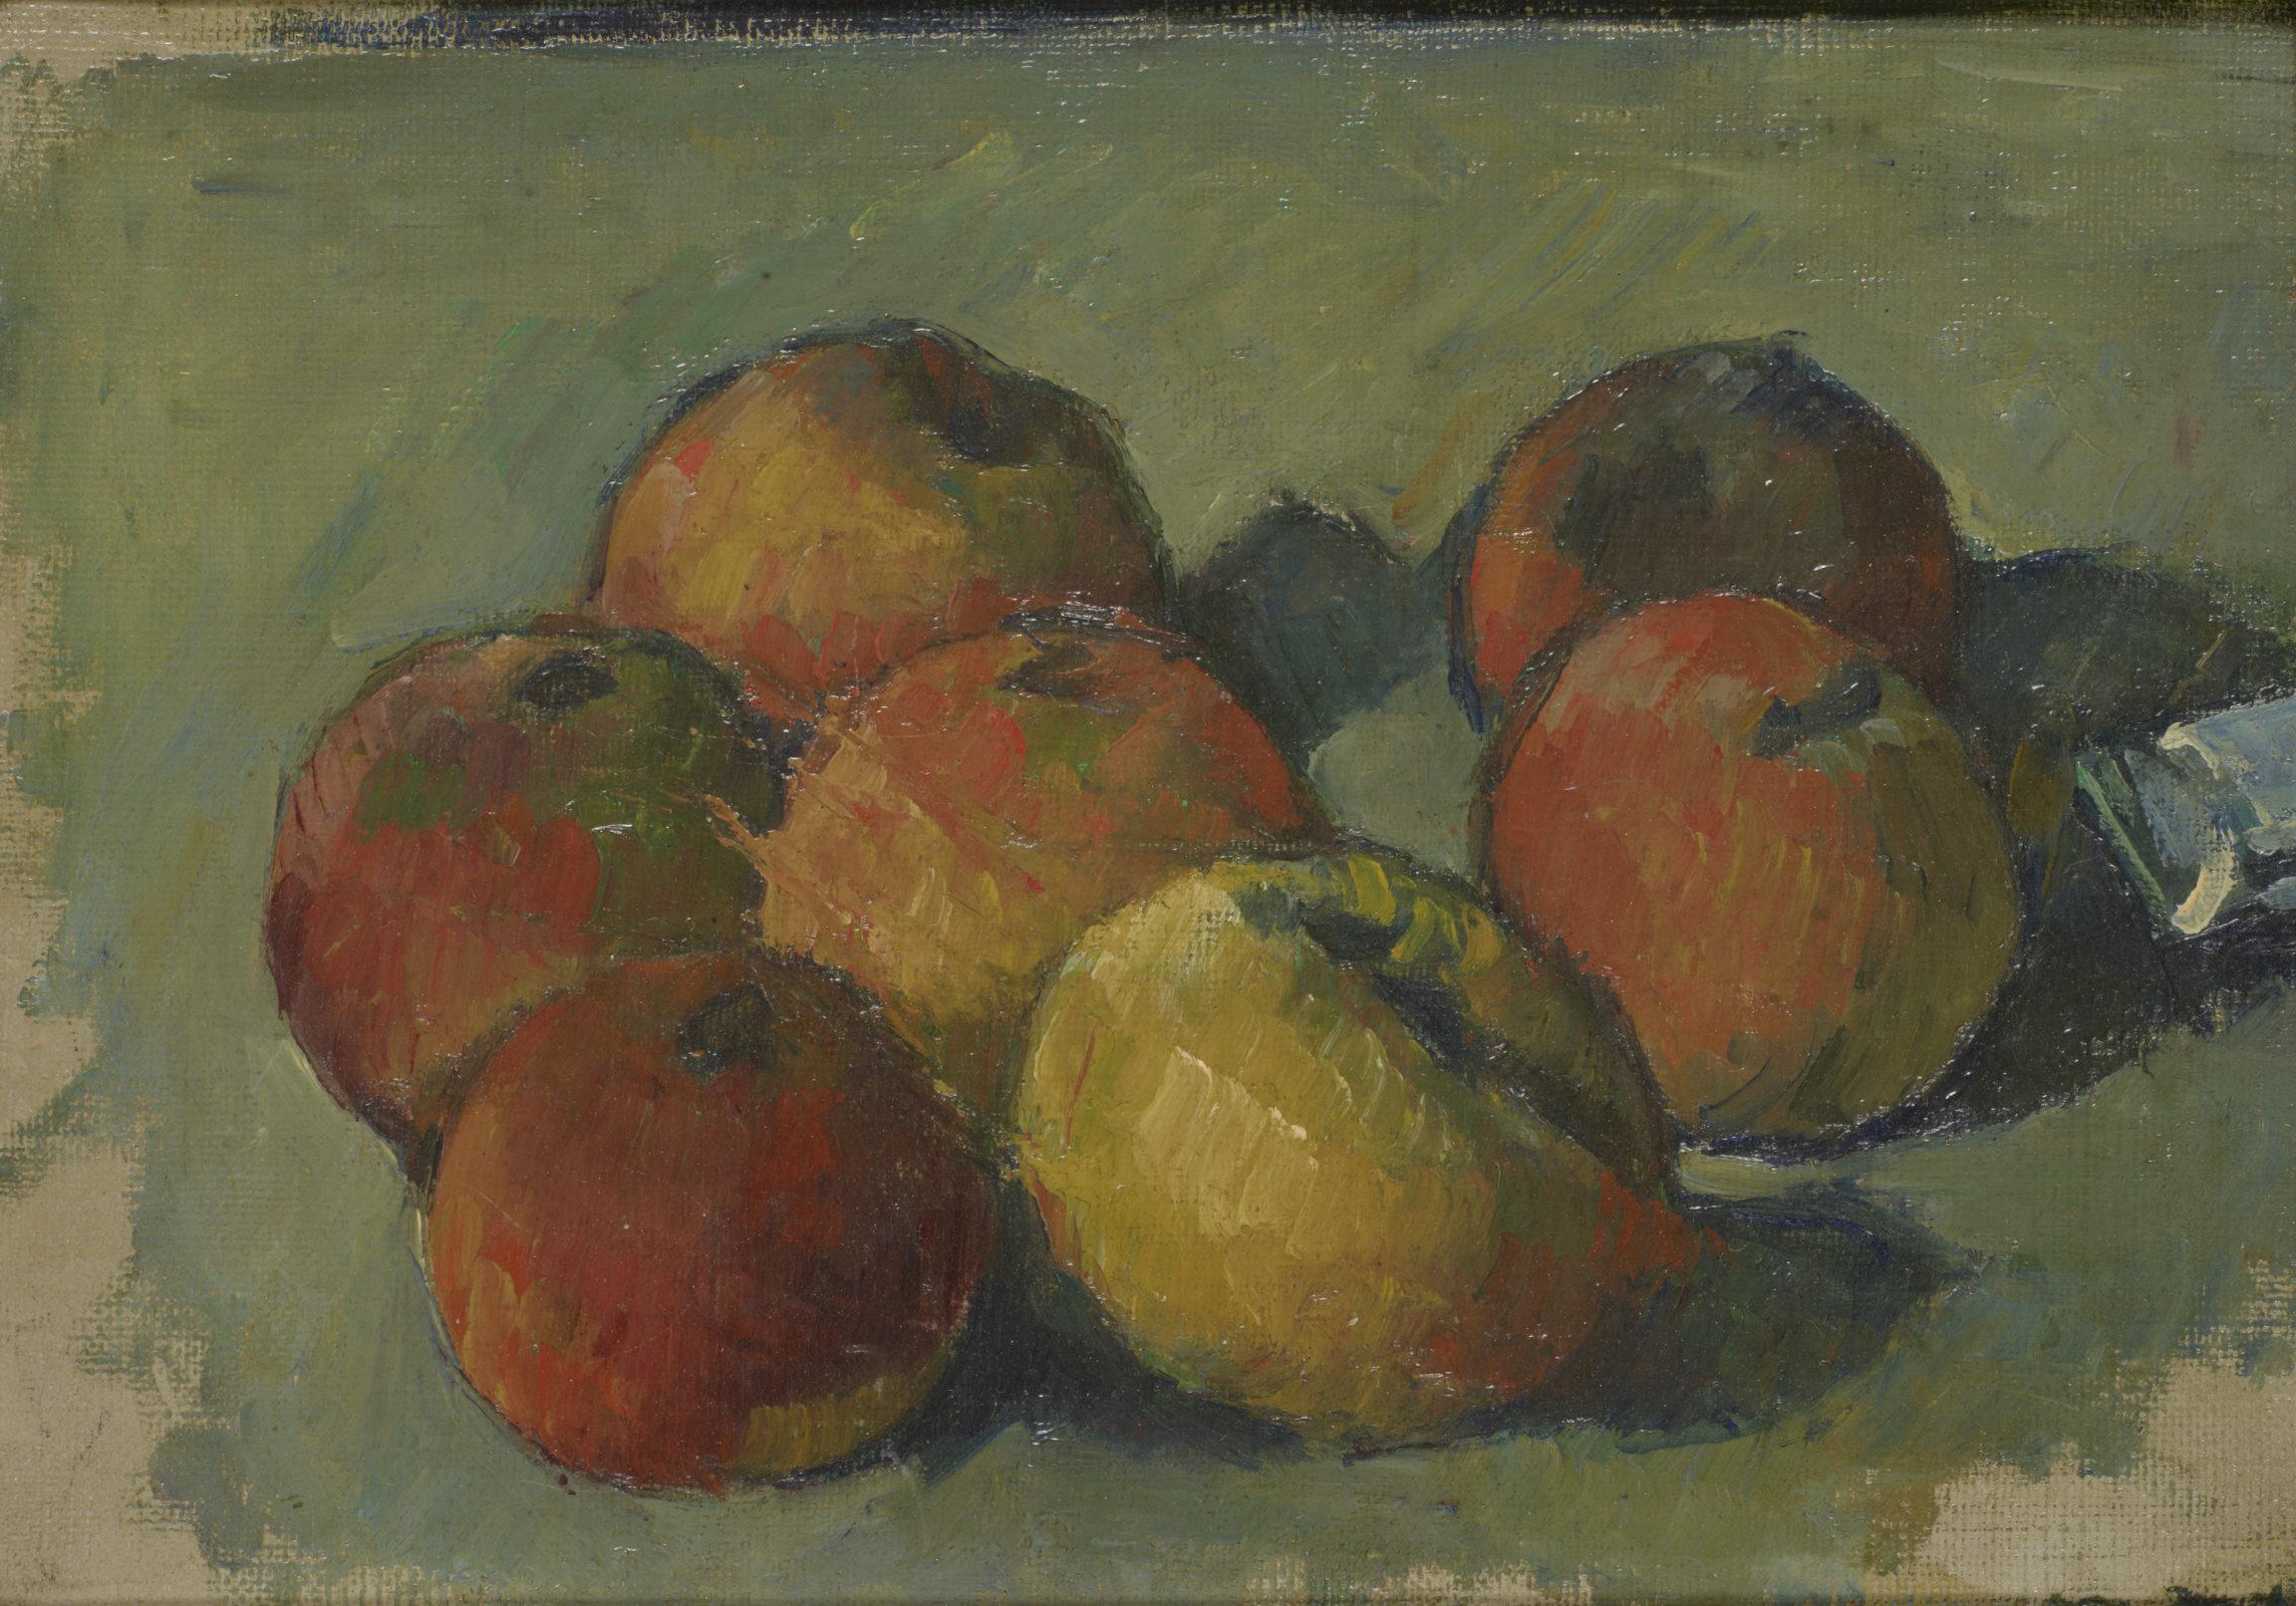 Paul Cézanne, Nature morte aux sept pommes et tube de couleur<br>(Still Life with Seven Apples and Tube of Paint), 1878 - 1879